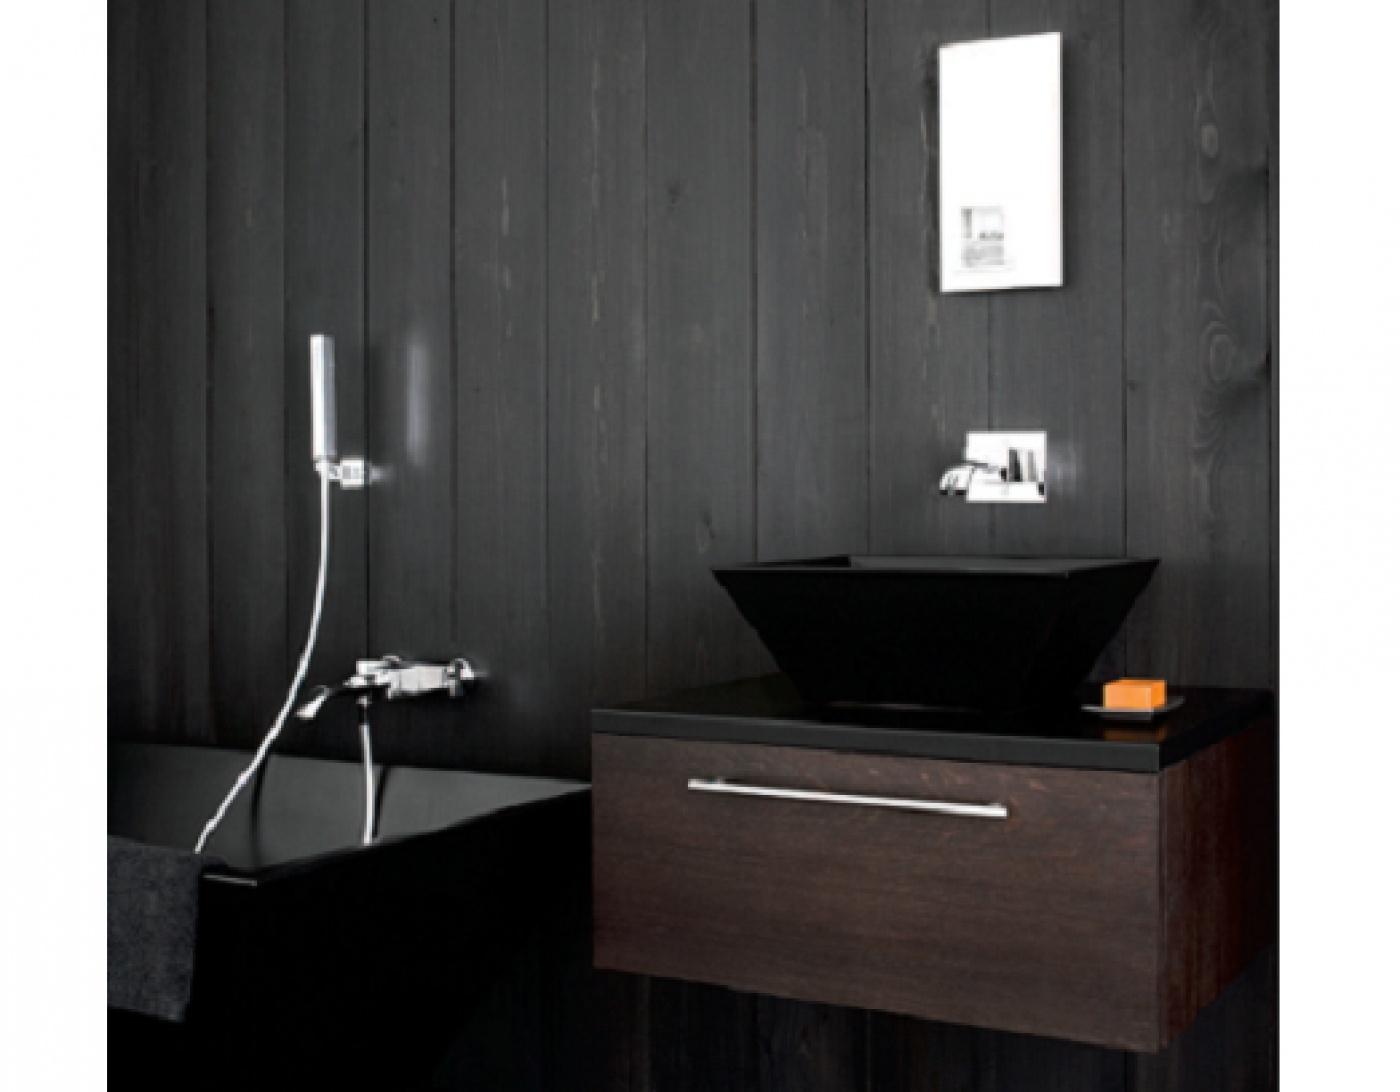 Pierre calcaire Mitigeur baignoire avec complet douche